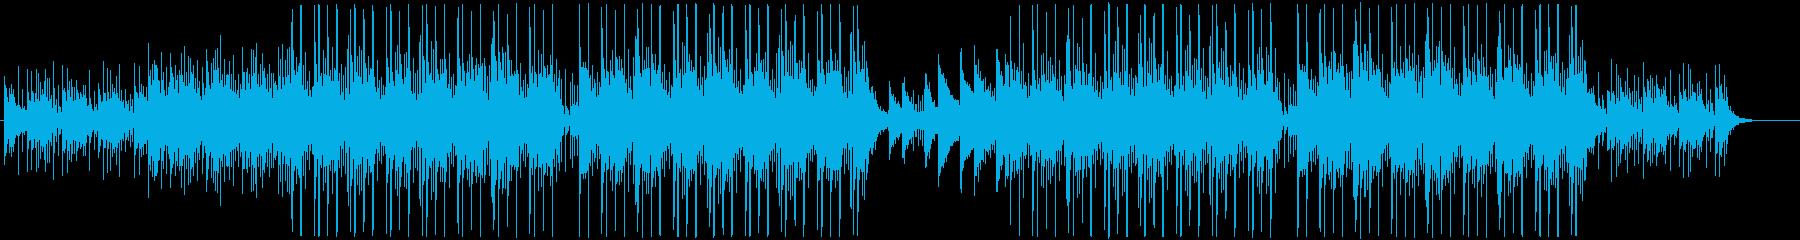 洋楽、チルアウト、おしゃれR&Bビート♫の再生済みの波形